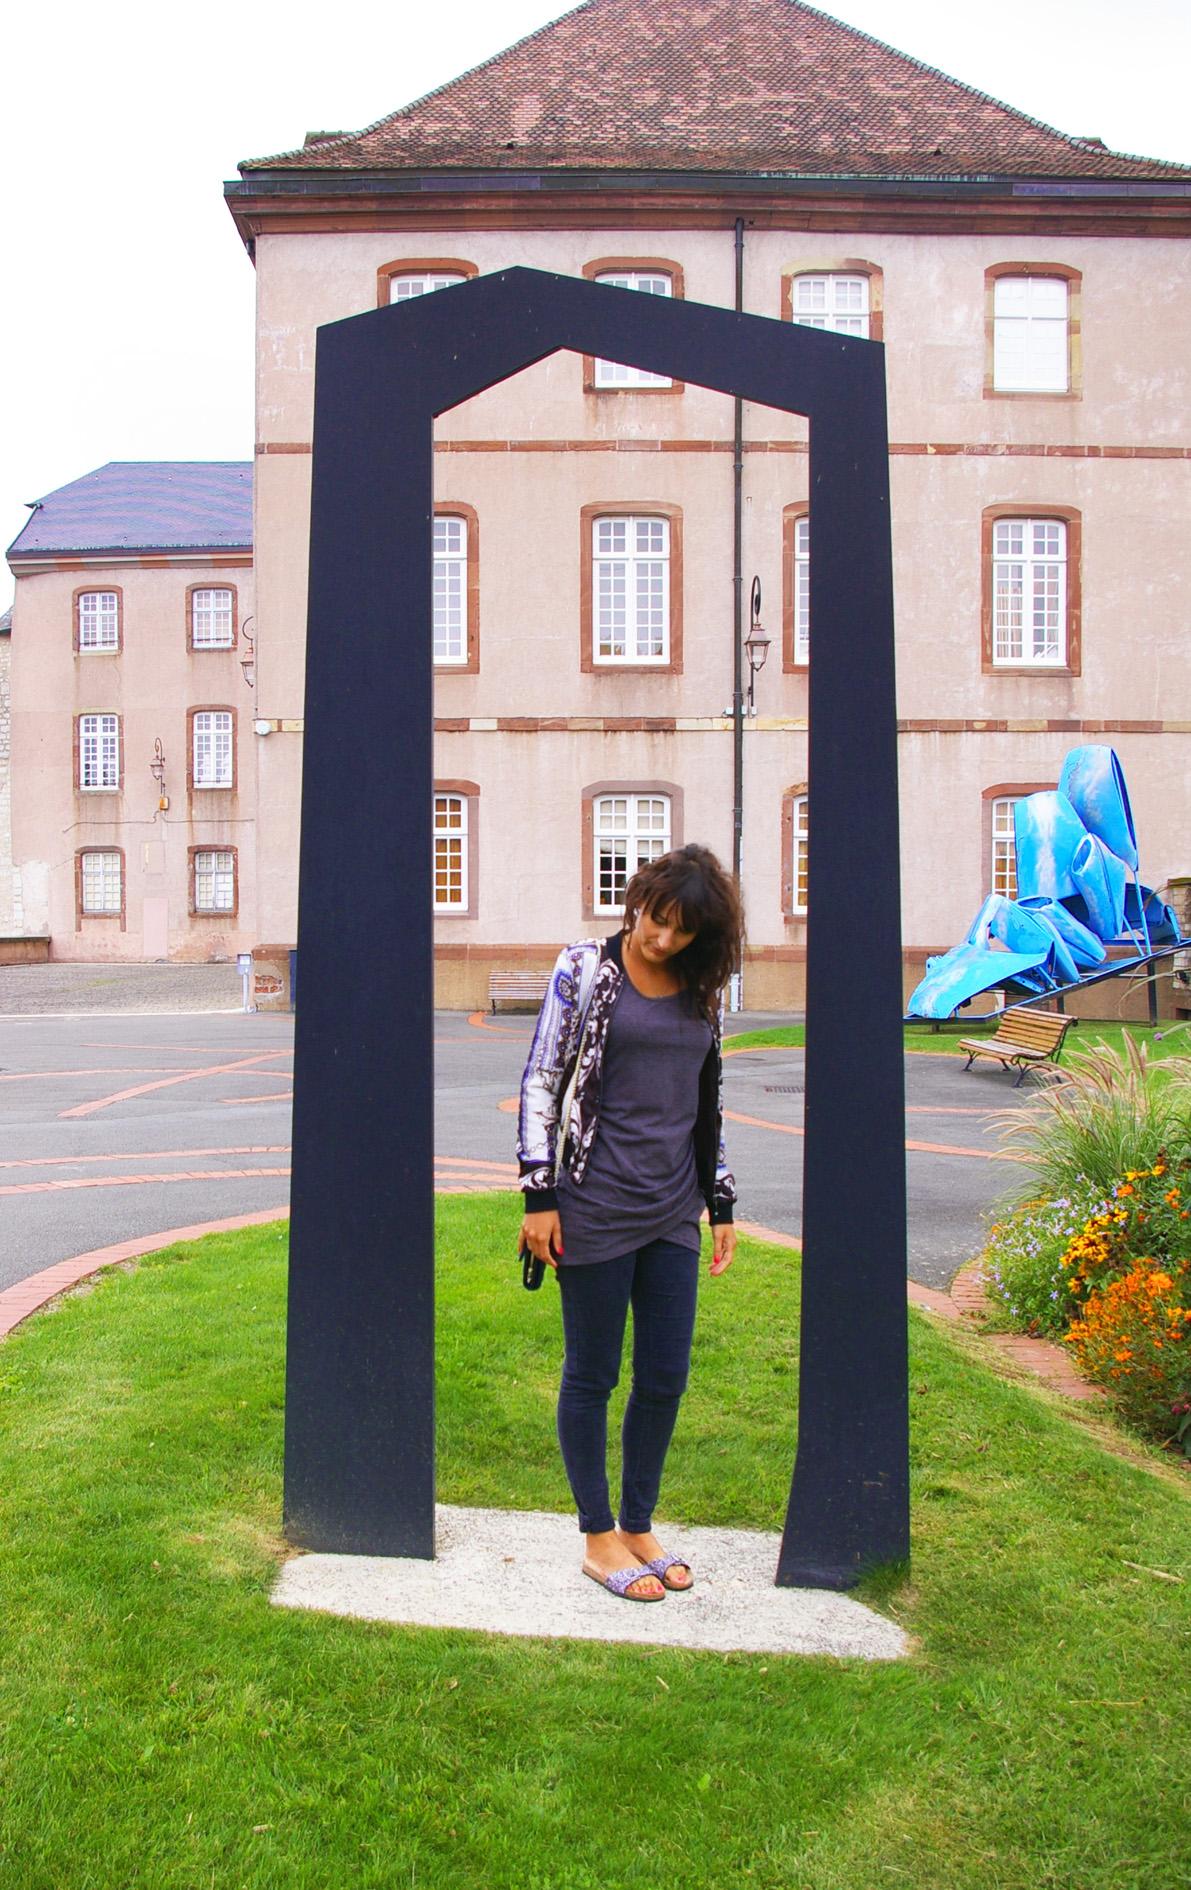 sculpture blue b